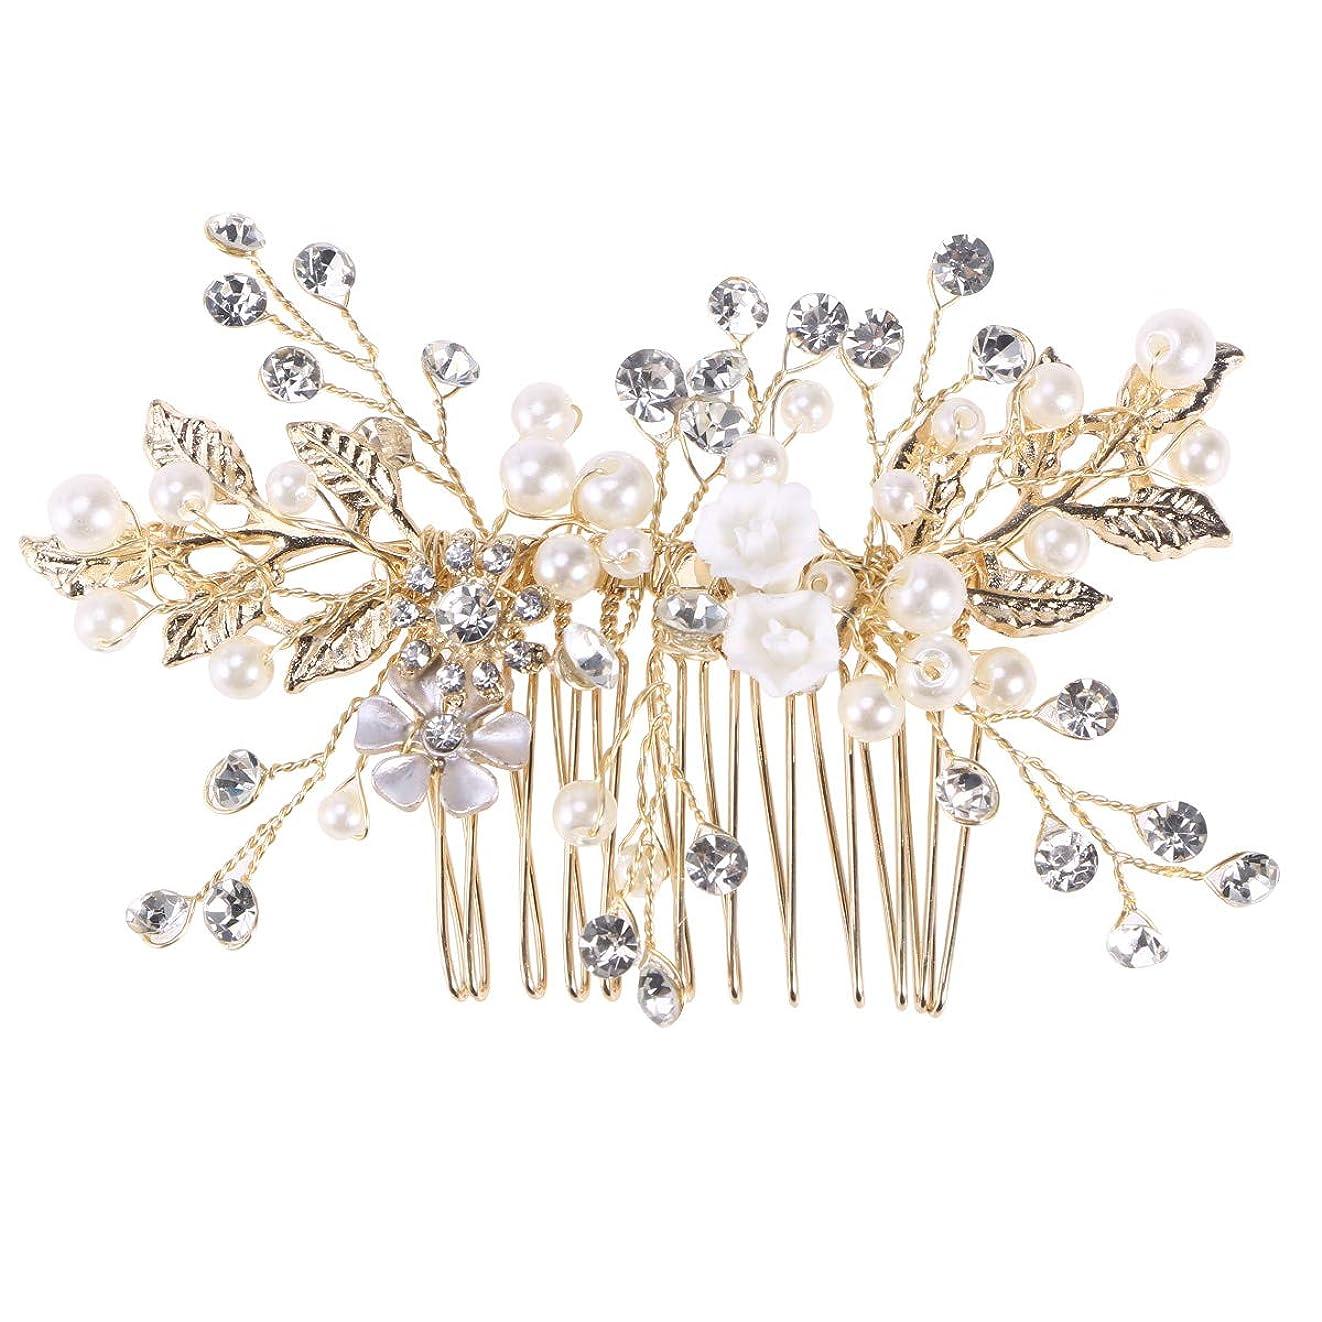 岸オリエンタル暴露するLURROSE 結婚式の髪の櫛真珠の結晶頭飾りの合金女性のための女性の花嫁介添人の髪飾り(ゴールデン)